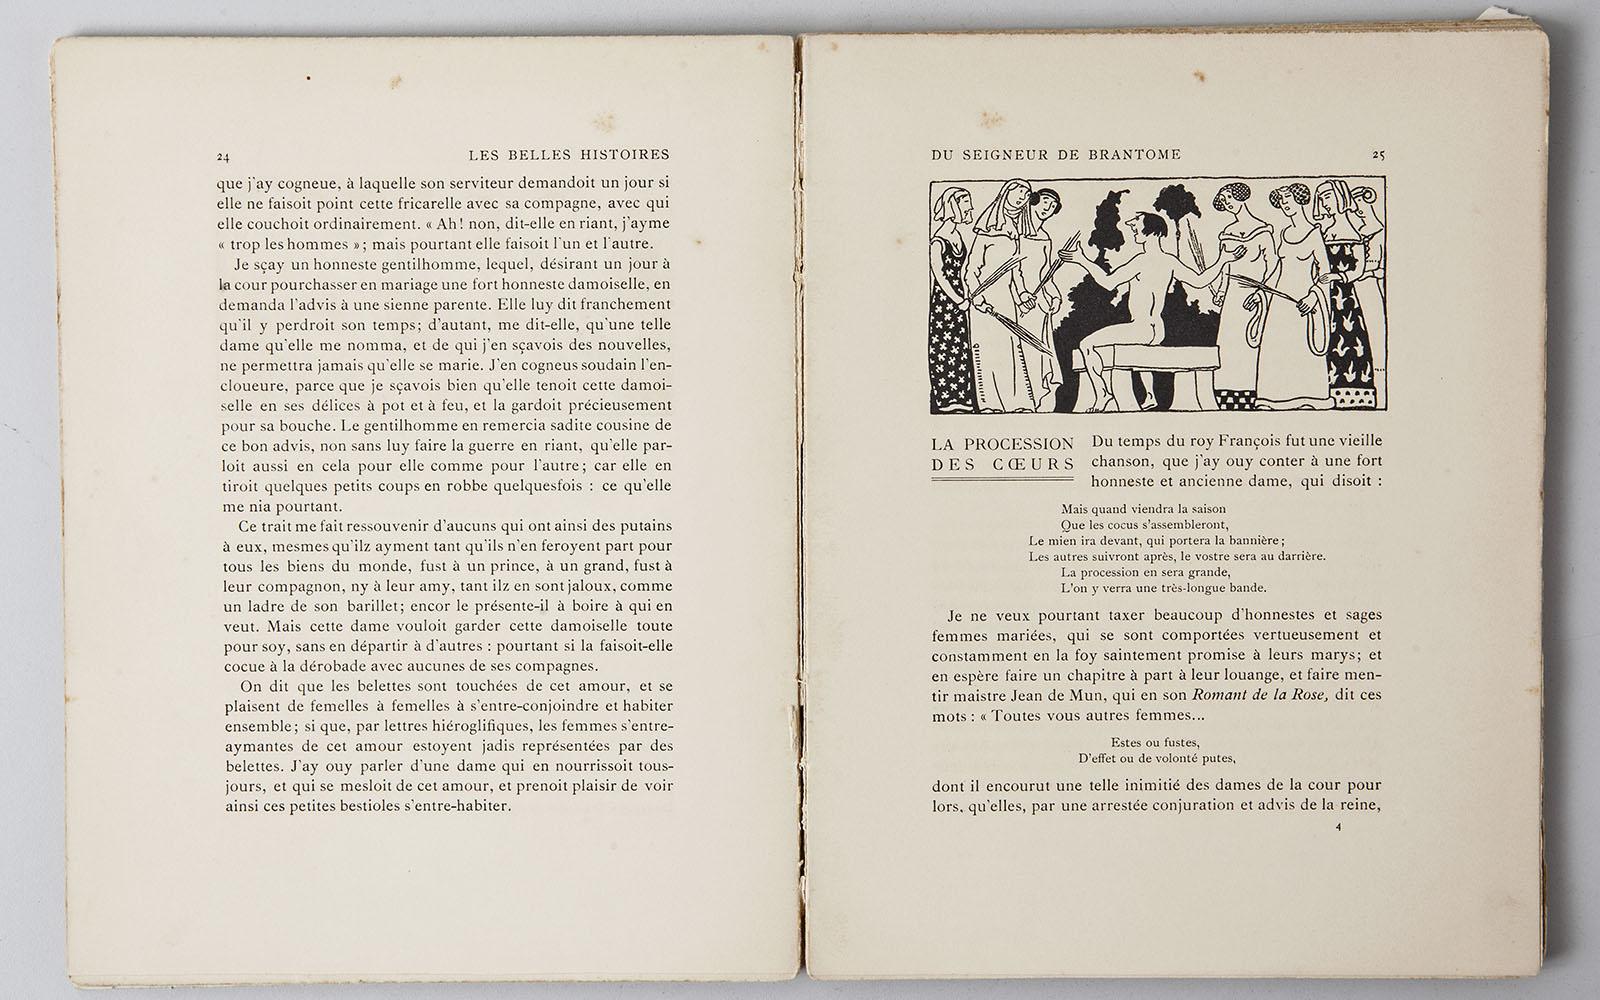 Belles Histoires Du Seigneur de Brantome 5